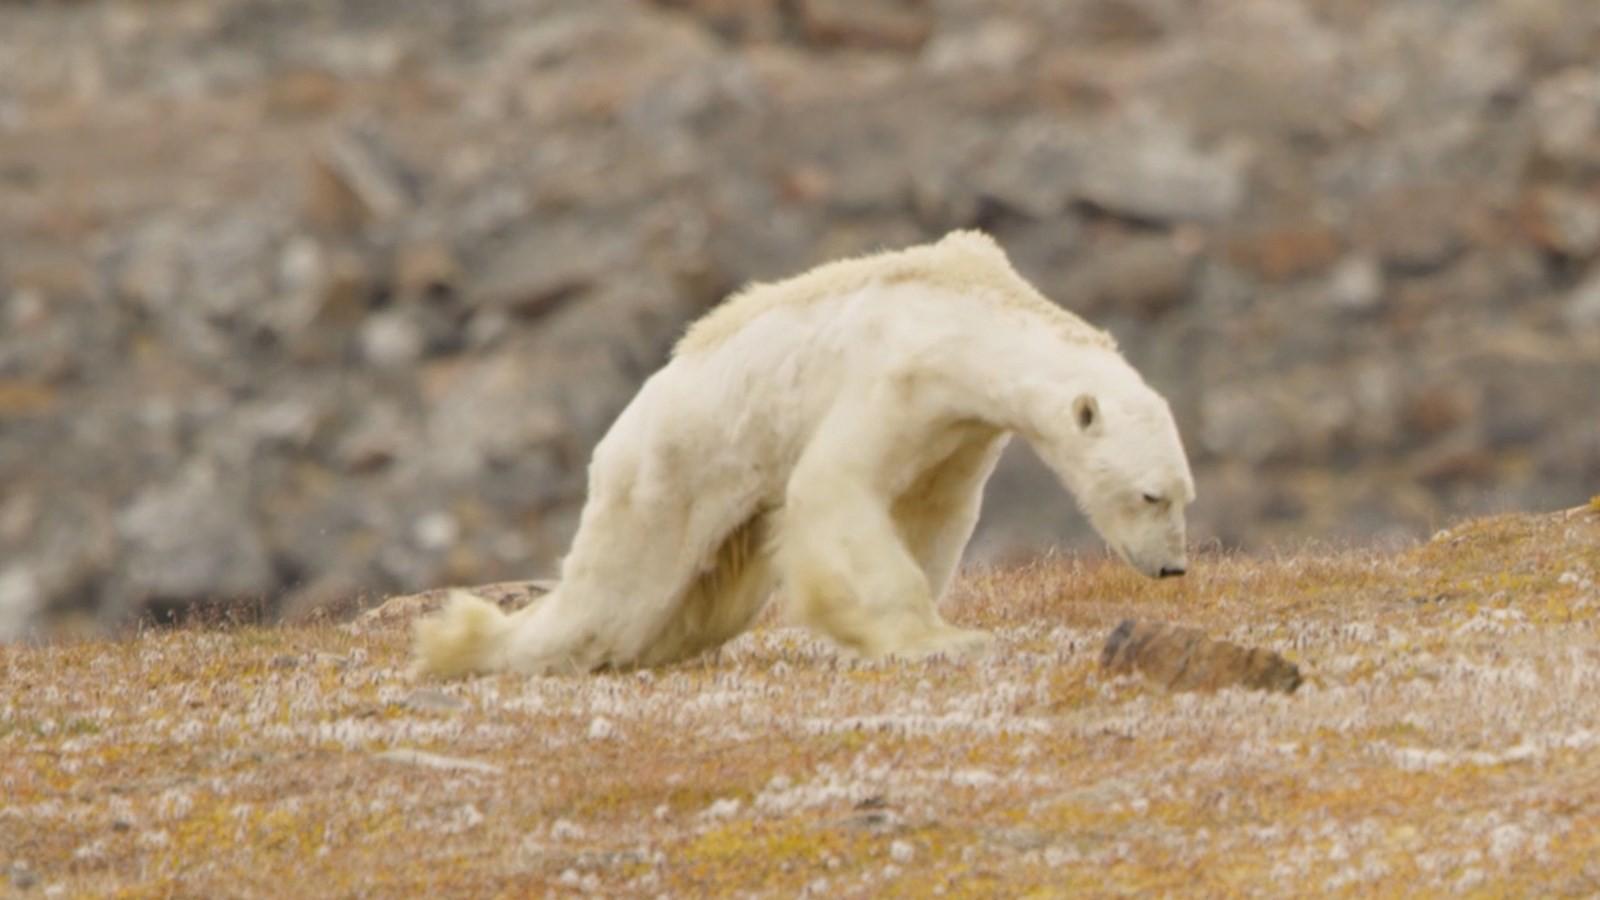 Gấu Bắc cực gầy dơ xương lê lết kiếm ăn vì đói - lời cảnh tỉnh đáng sợ với con người về biến đổi khí hậu - Ảnh 1.